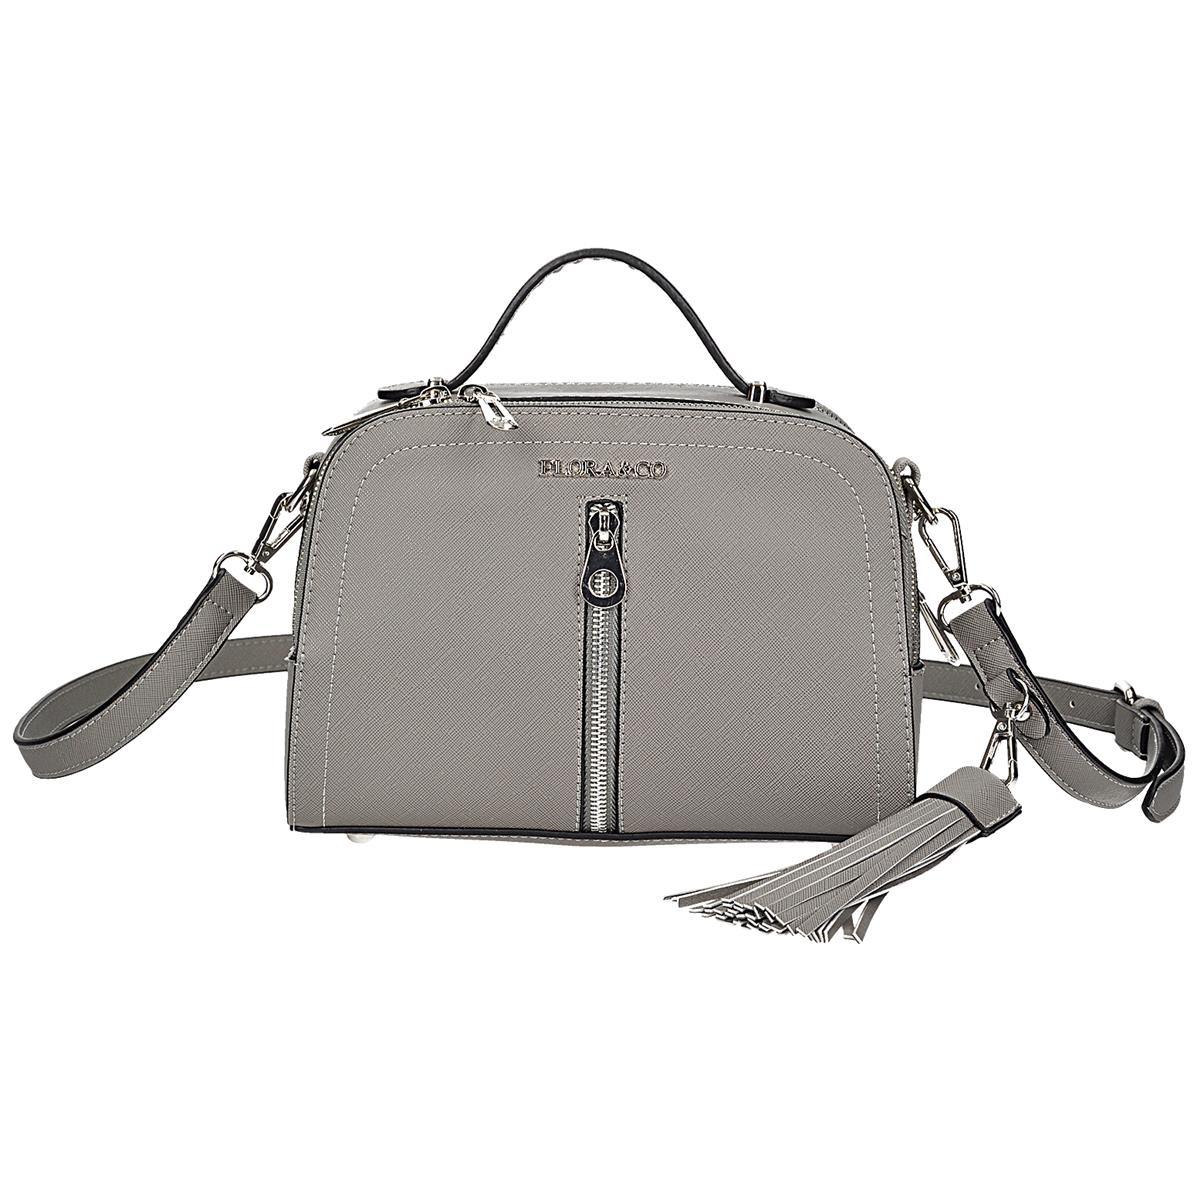 Šedá menší kabelka-kufřík, má 2 stylově odlišné řemínky